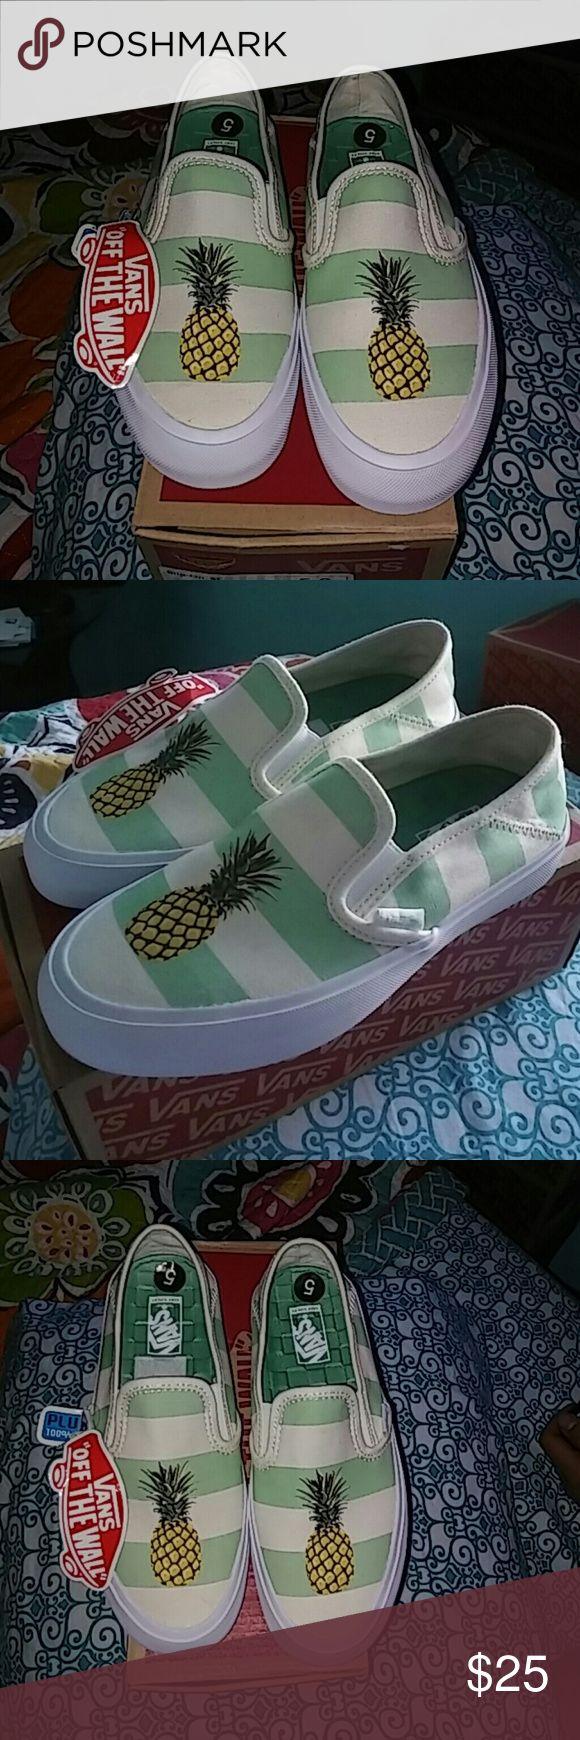 Sale !!!  Nib womens pineapple vans This is a new pair of women's size 5 slip-on pineapple vans super cute last $$$ Vans Shoes